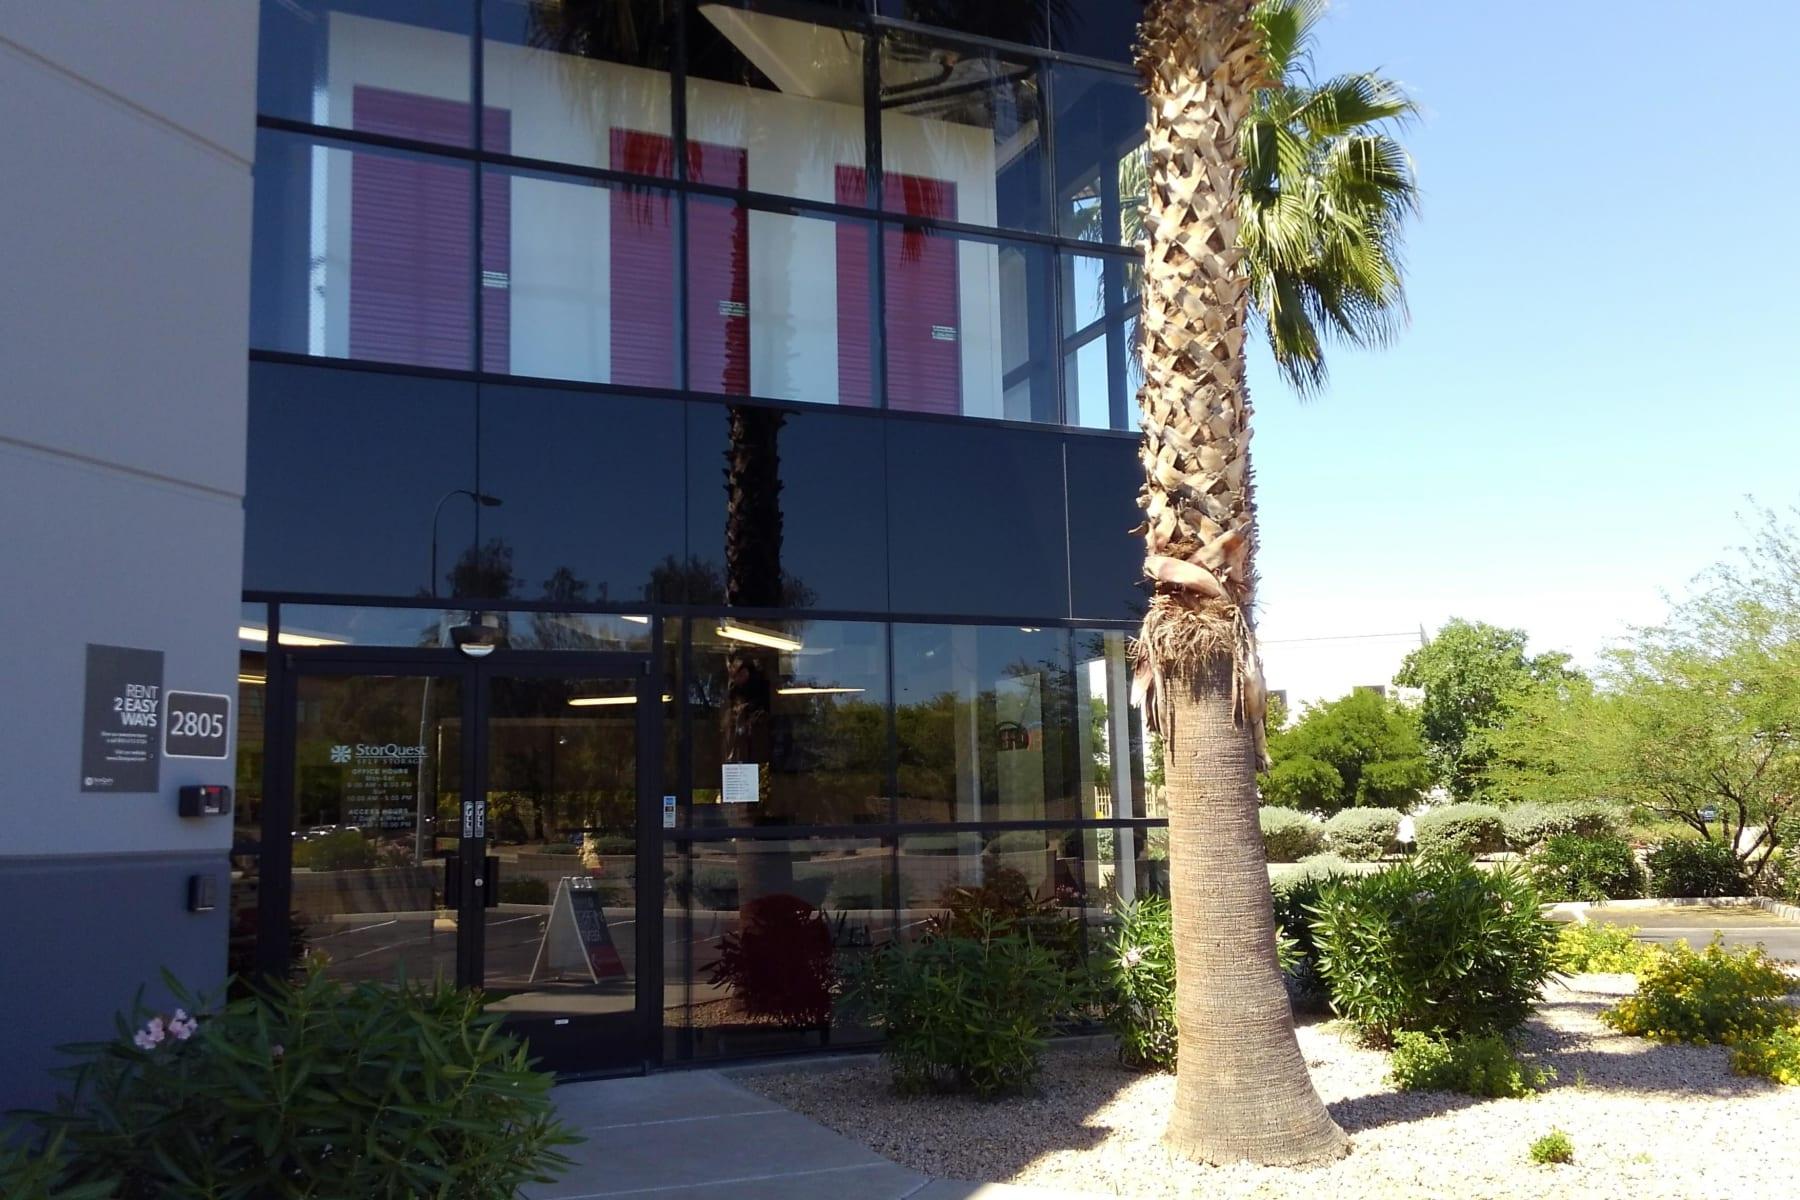 Storage units at StorQuest Self Storage in Chandler, AZ